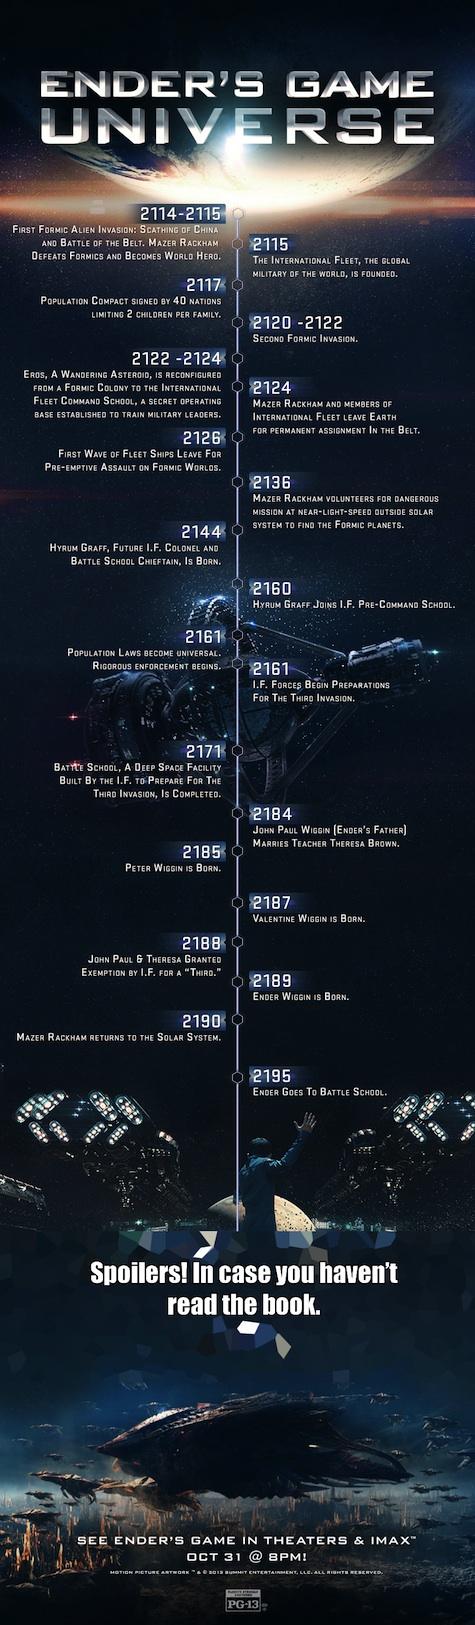 Ender's Game Universe Timeline